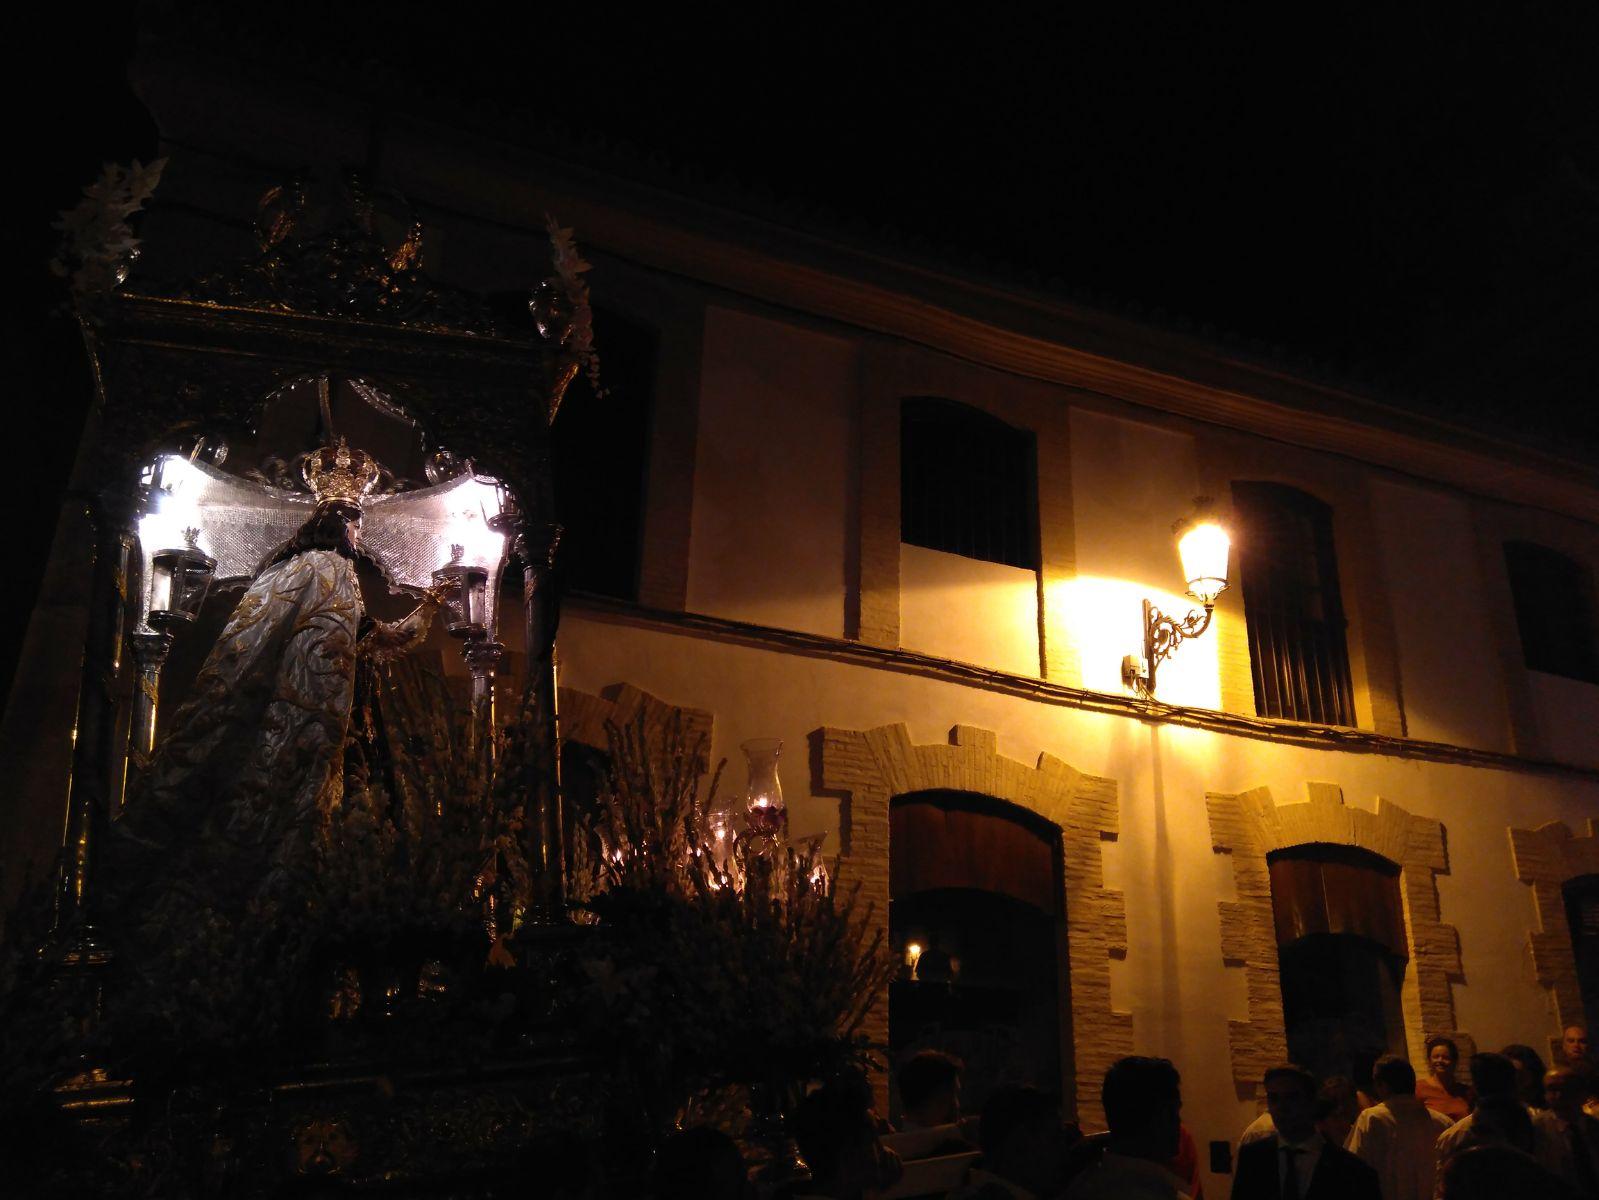 Fotos de Nuestra Señora del Carmen por las calles de Estepa